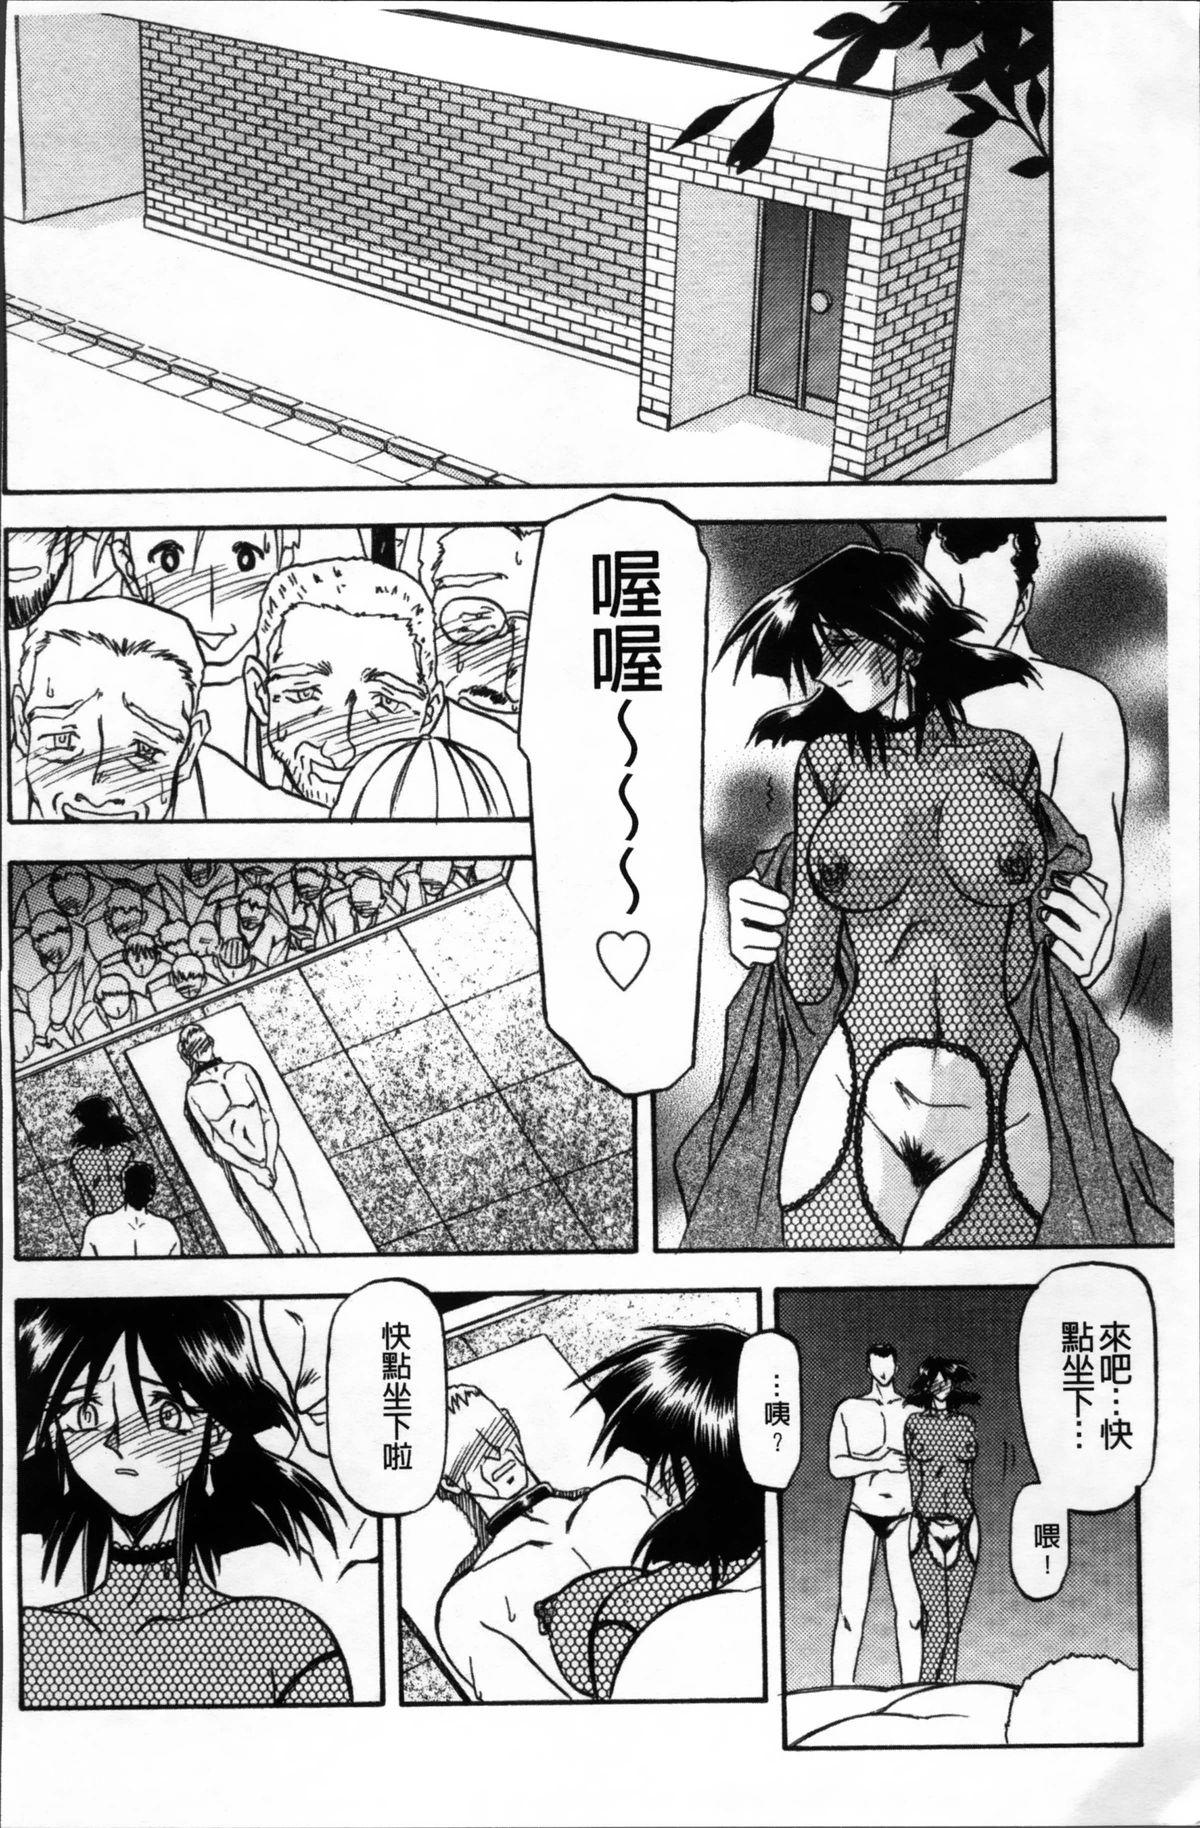 Hiiro no Koku Kanzenban   緋色之刻 完全版 231